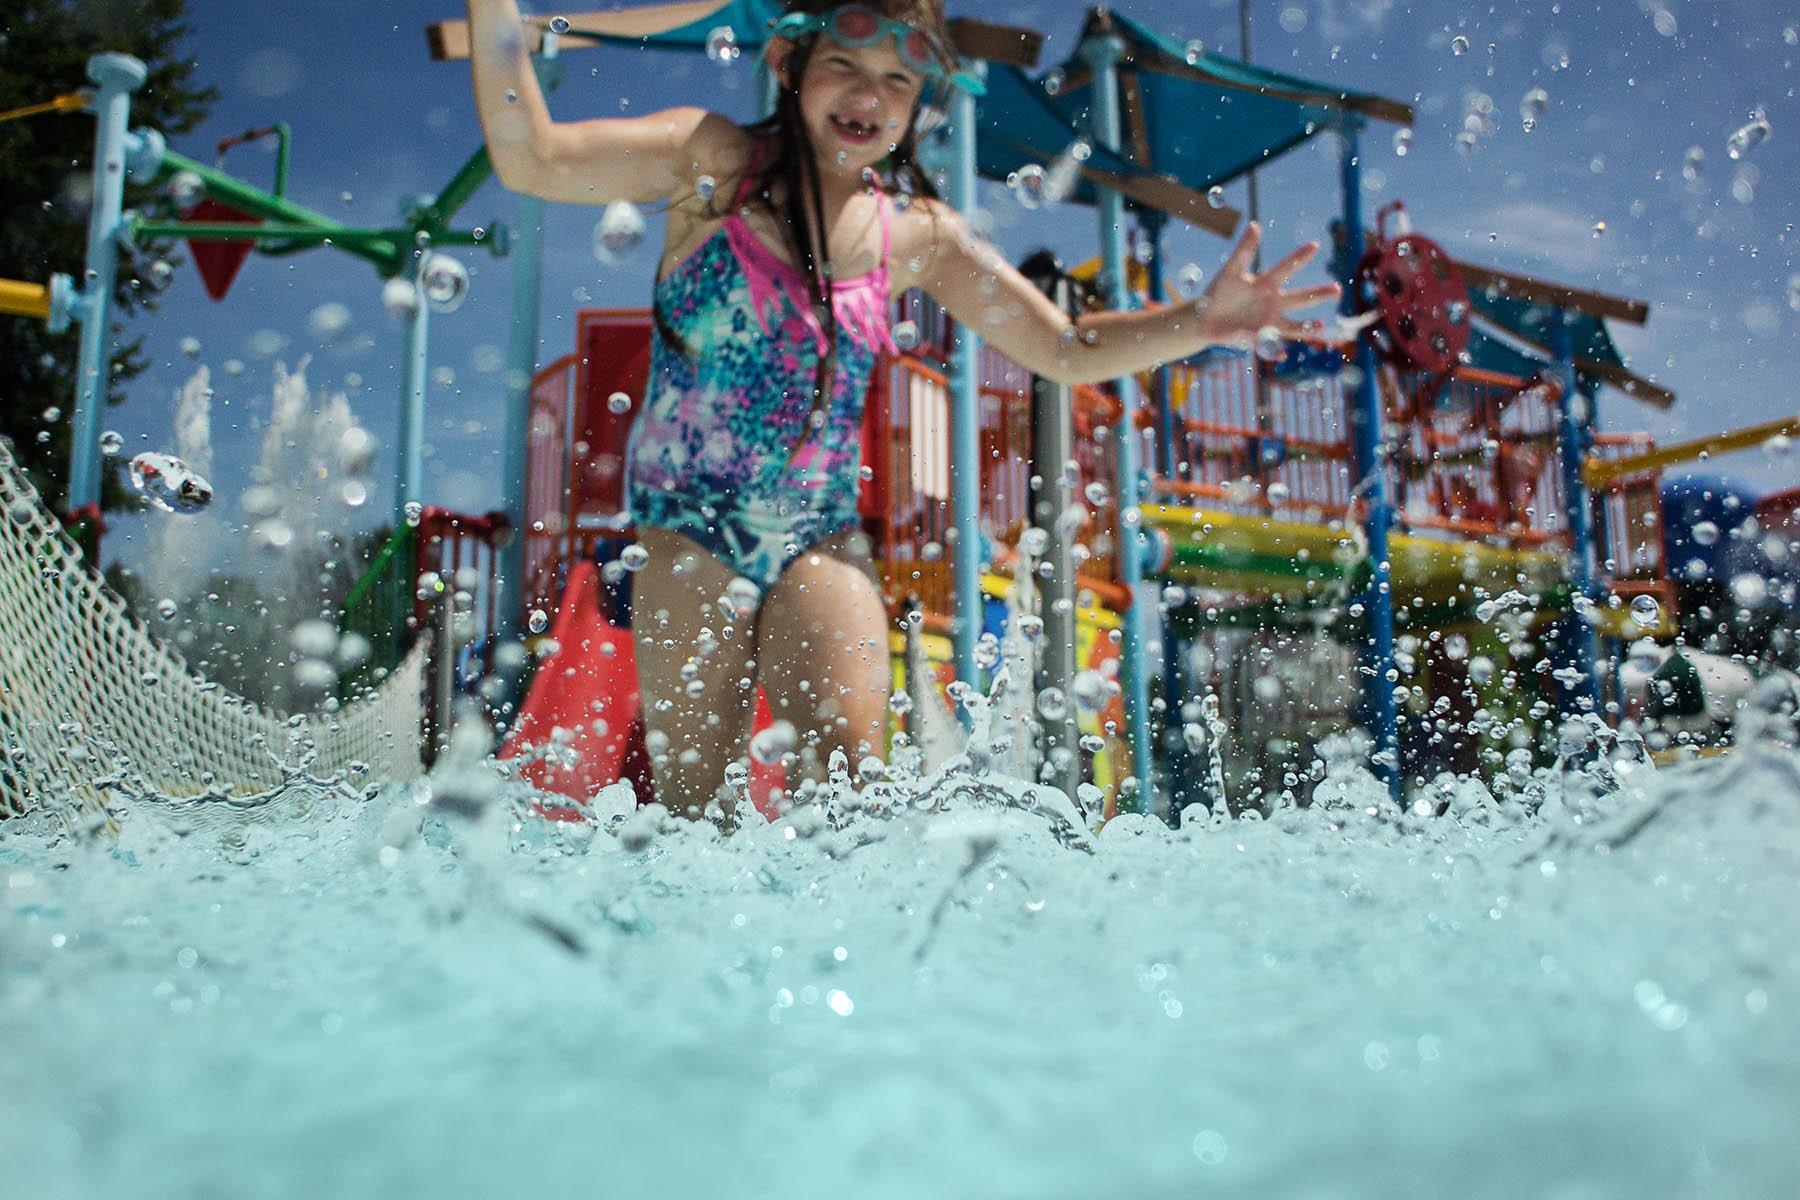 girl running through pool splashing water